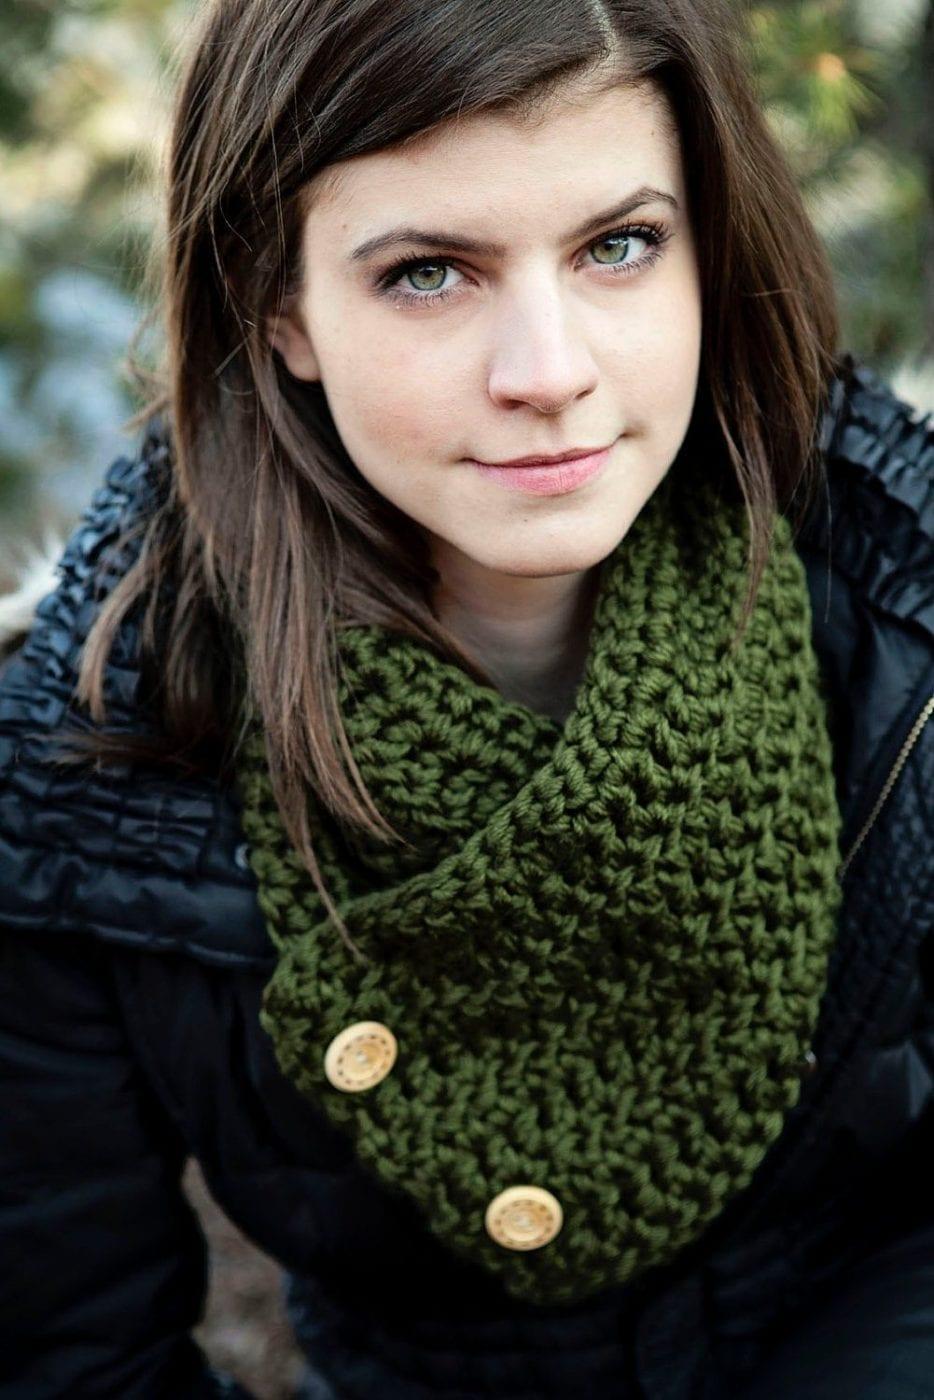 шарфы на голову зима